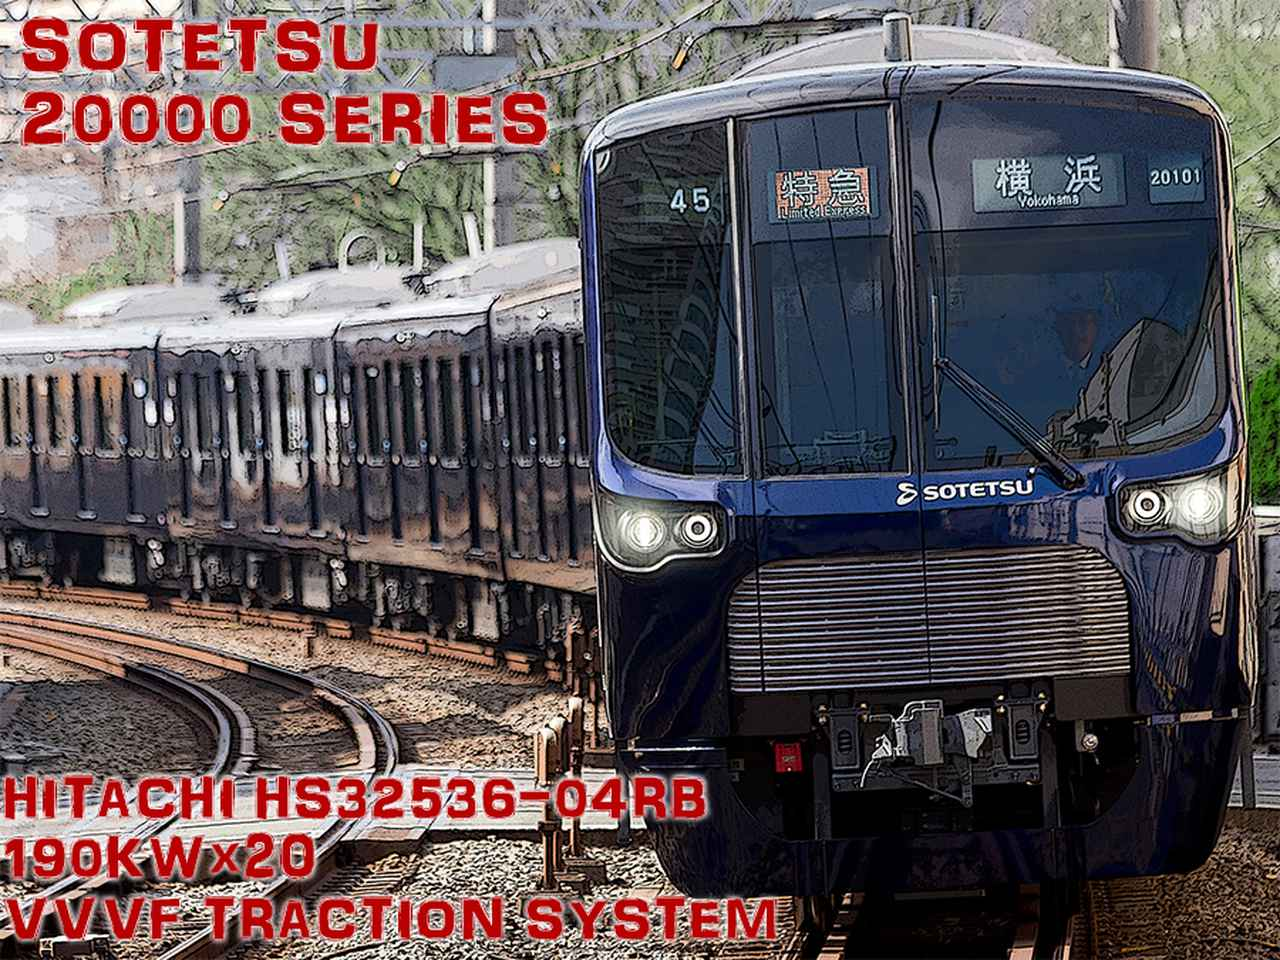 【モンスターマシンに昂ぶる】相鉄線の最新通勤電車に見るメカニズムの進化ぶり[第1回]